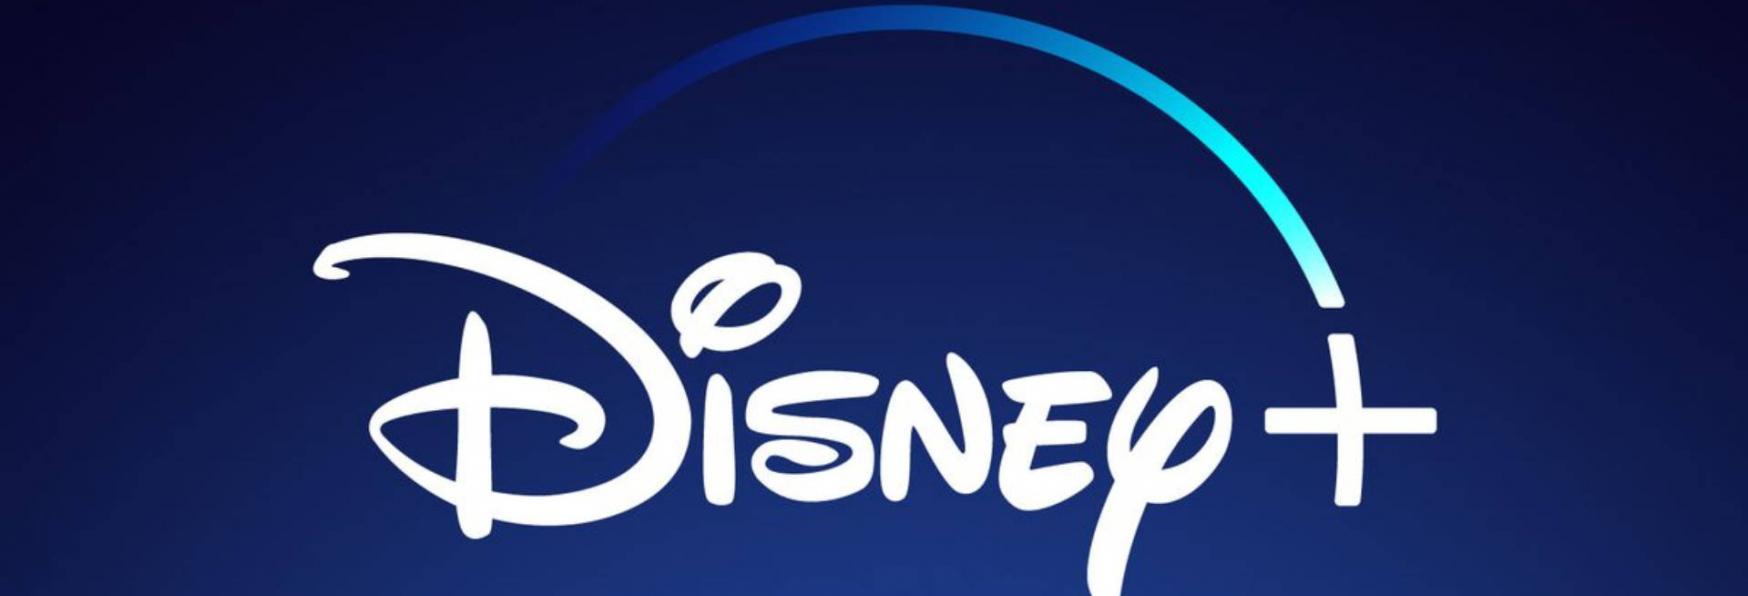 Disney introdurrà la Pubblicità sulla sua Piattaforma di Streaming? Risponde il CEO Bob Chapek